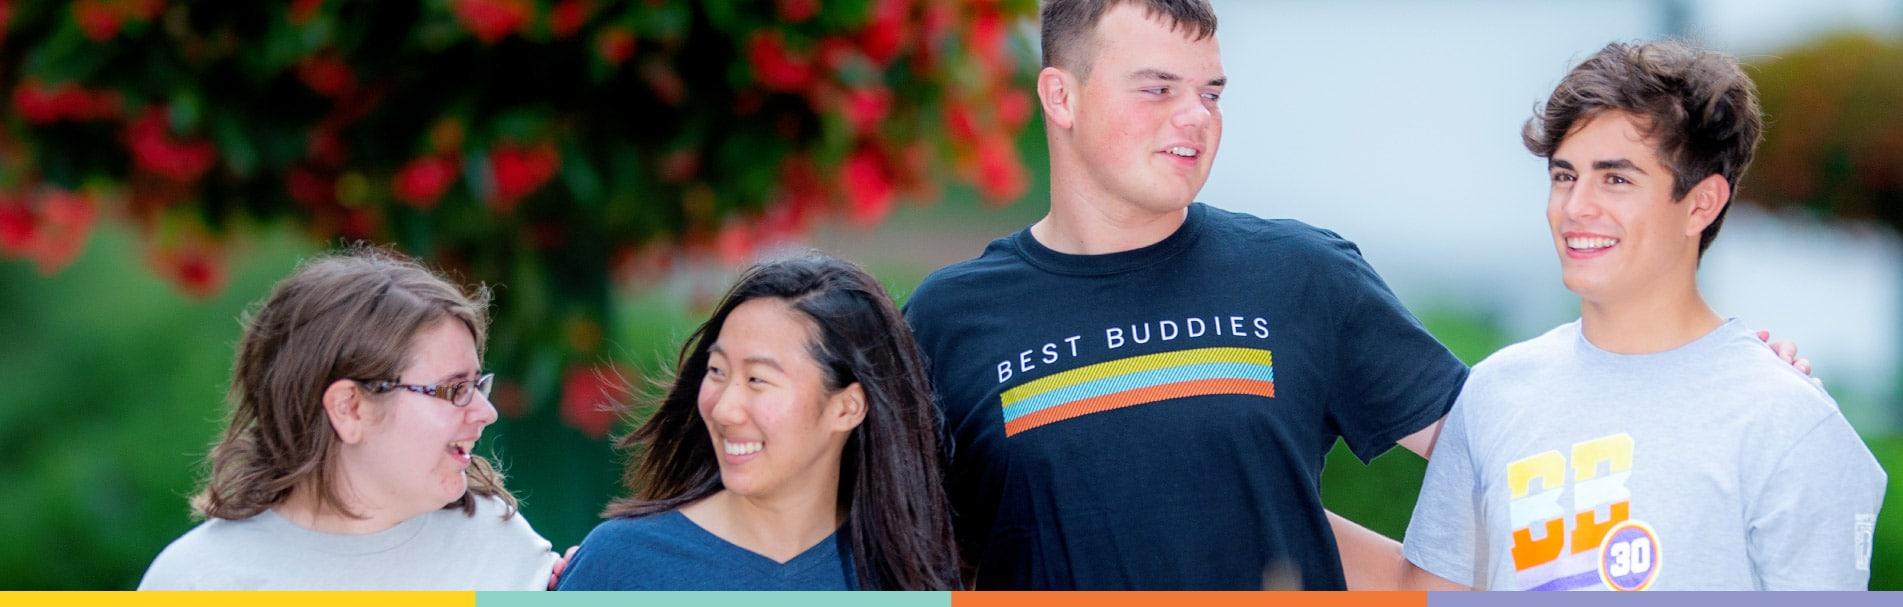 Best Buddies volunteers, walking together.